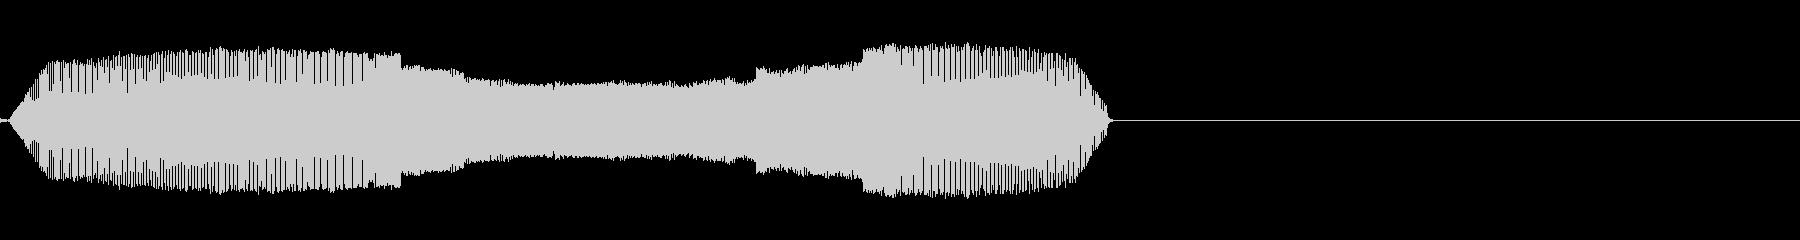 フヒル(形容し難い)の未再生の波形